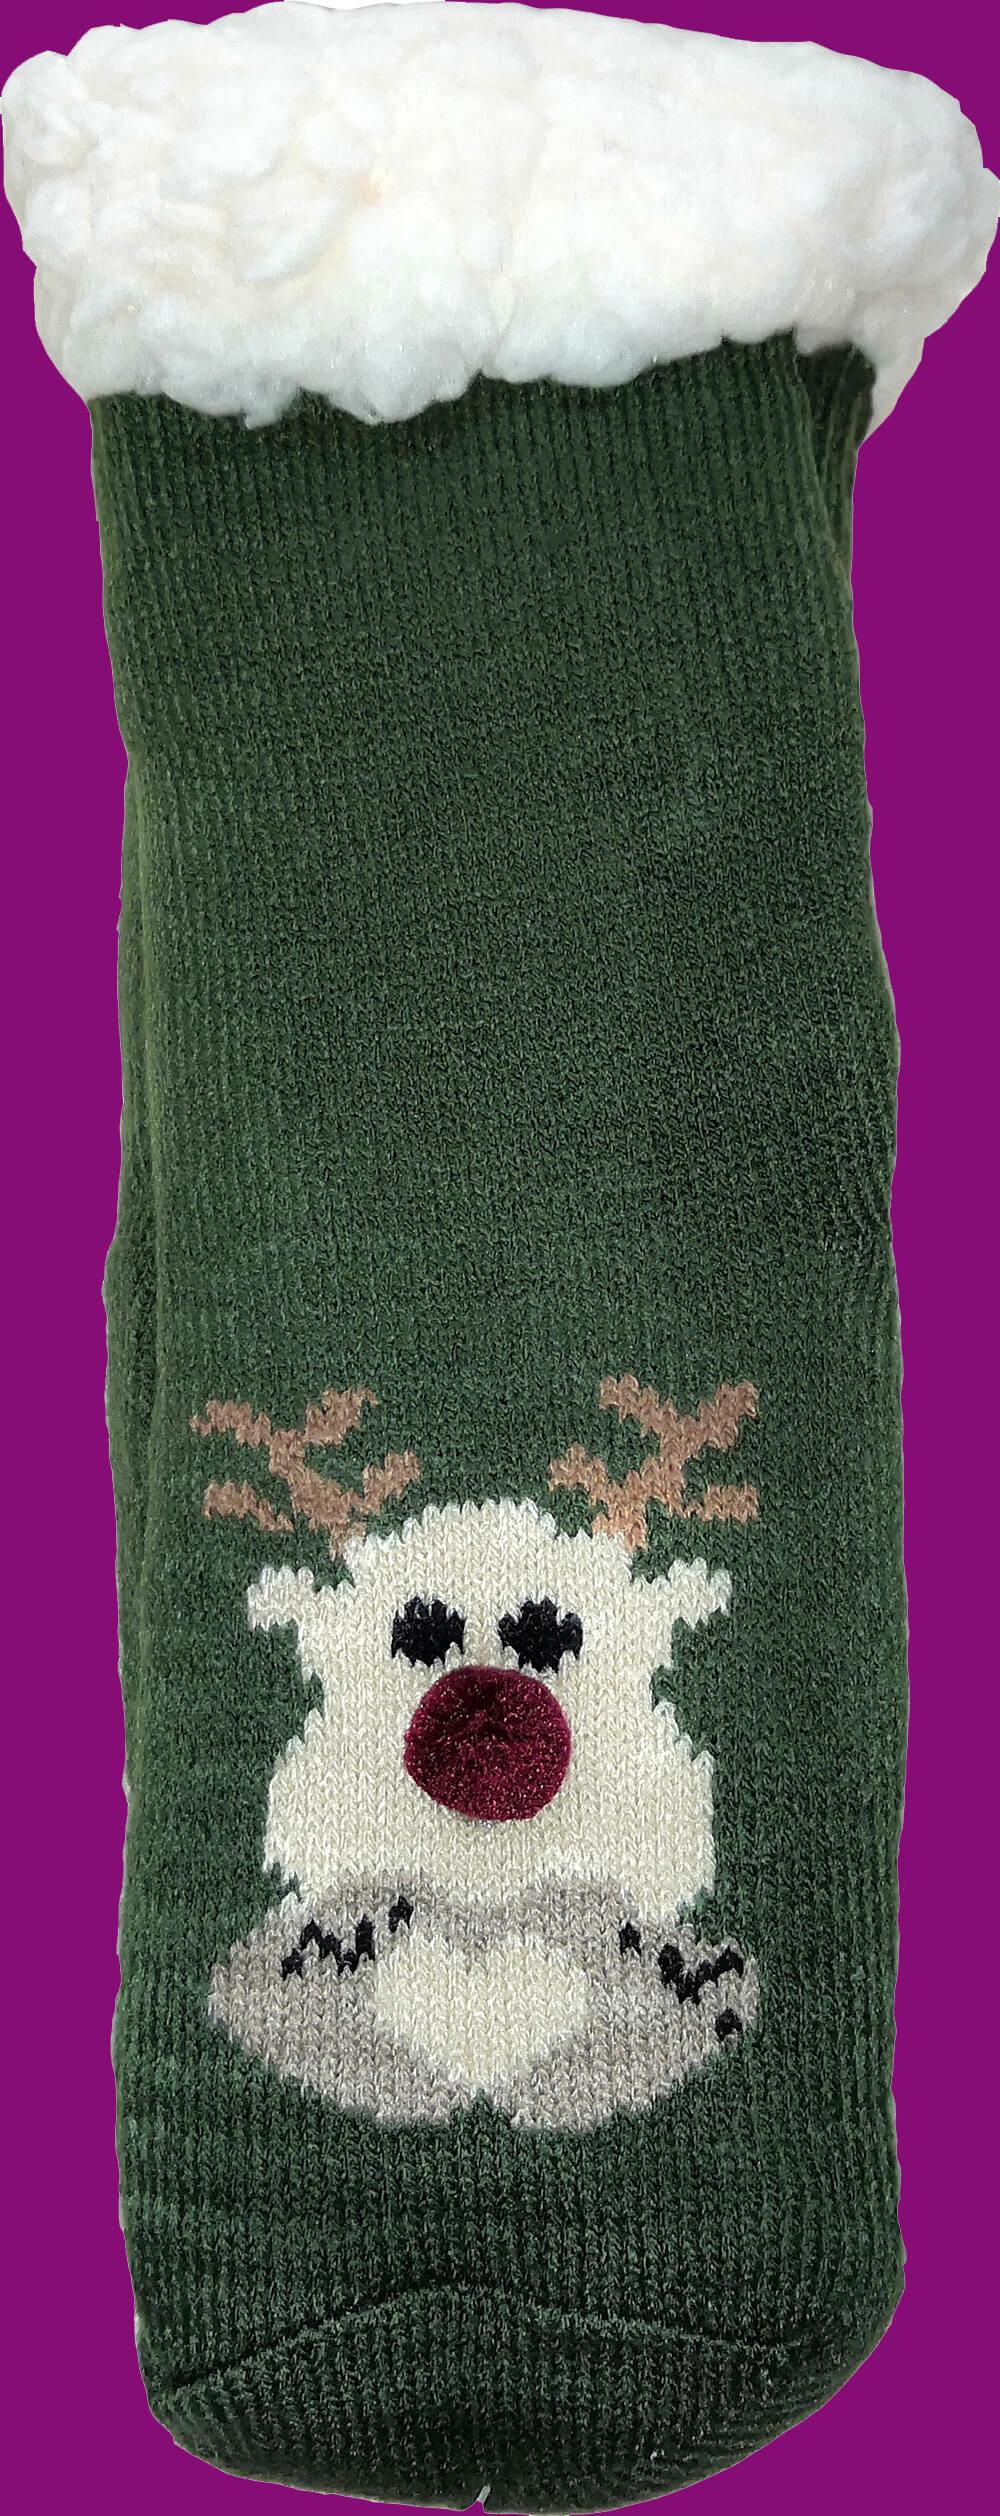 Дитячі шкарпетки-тапочки LookEN SM-HL-7211D-gr 26-28 розміру зеленого кольору.